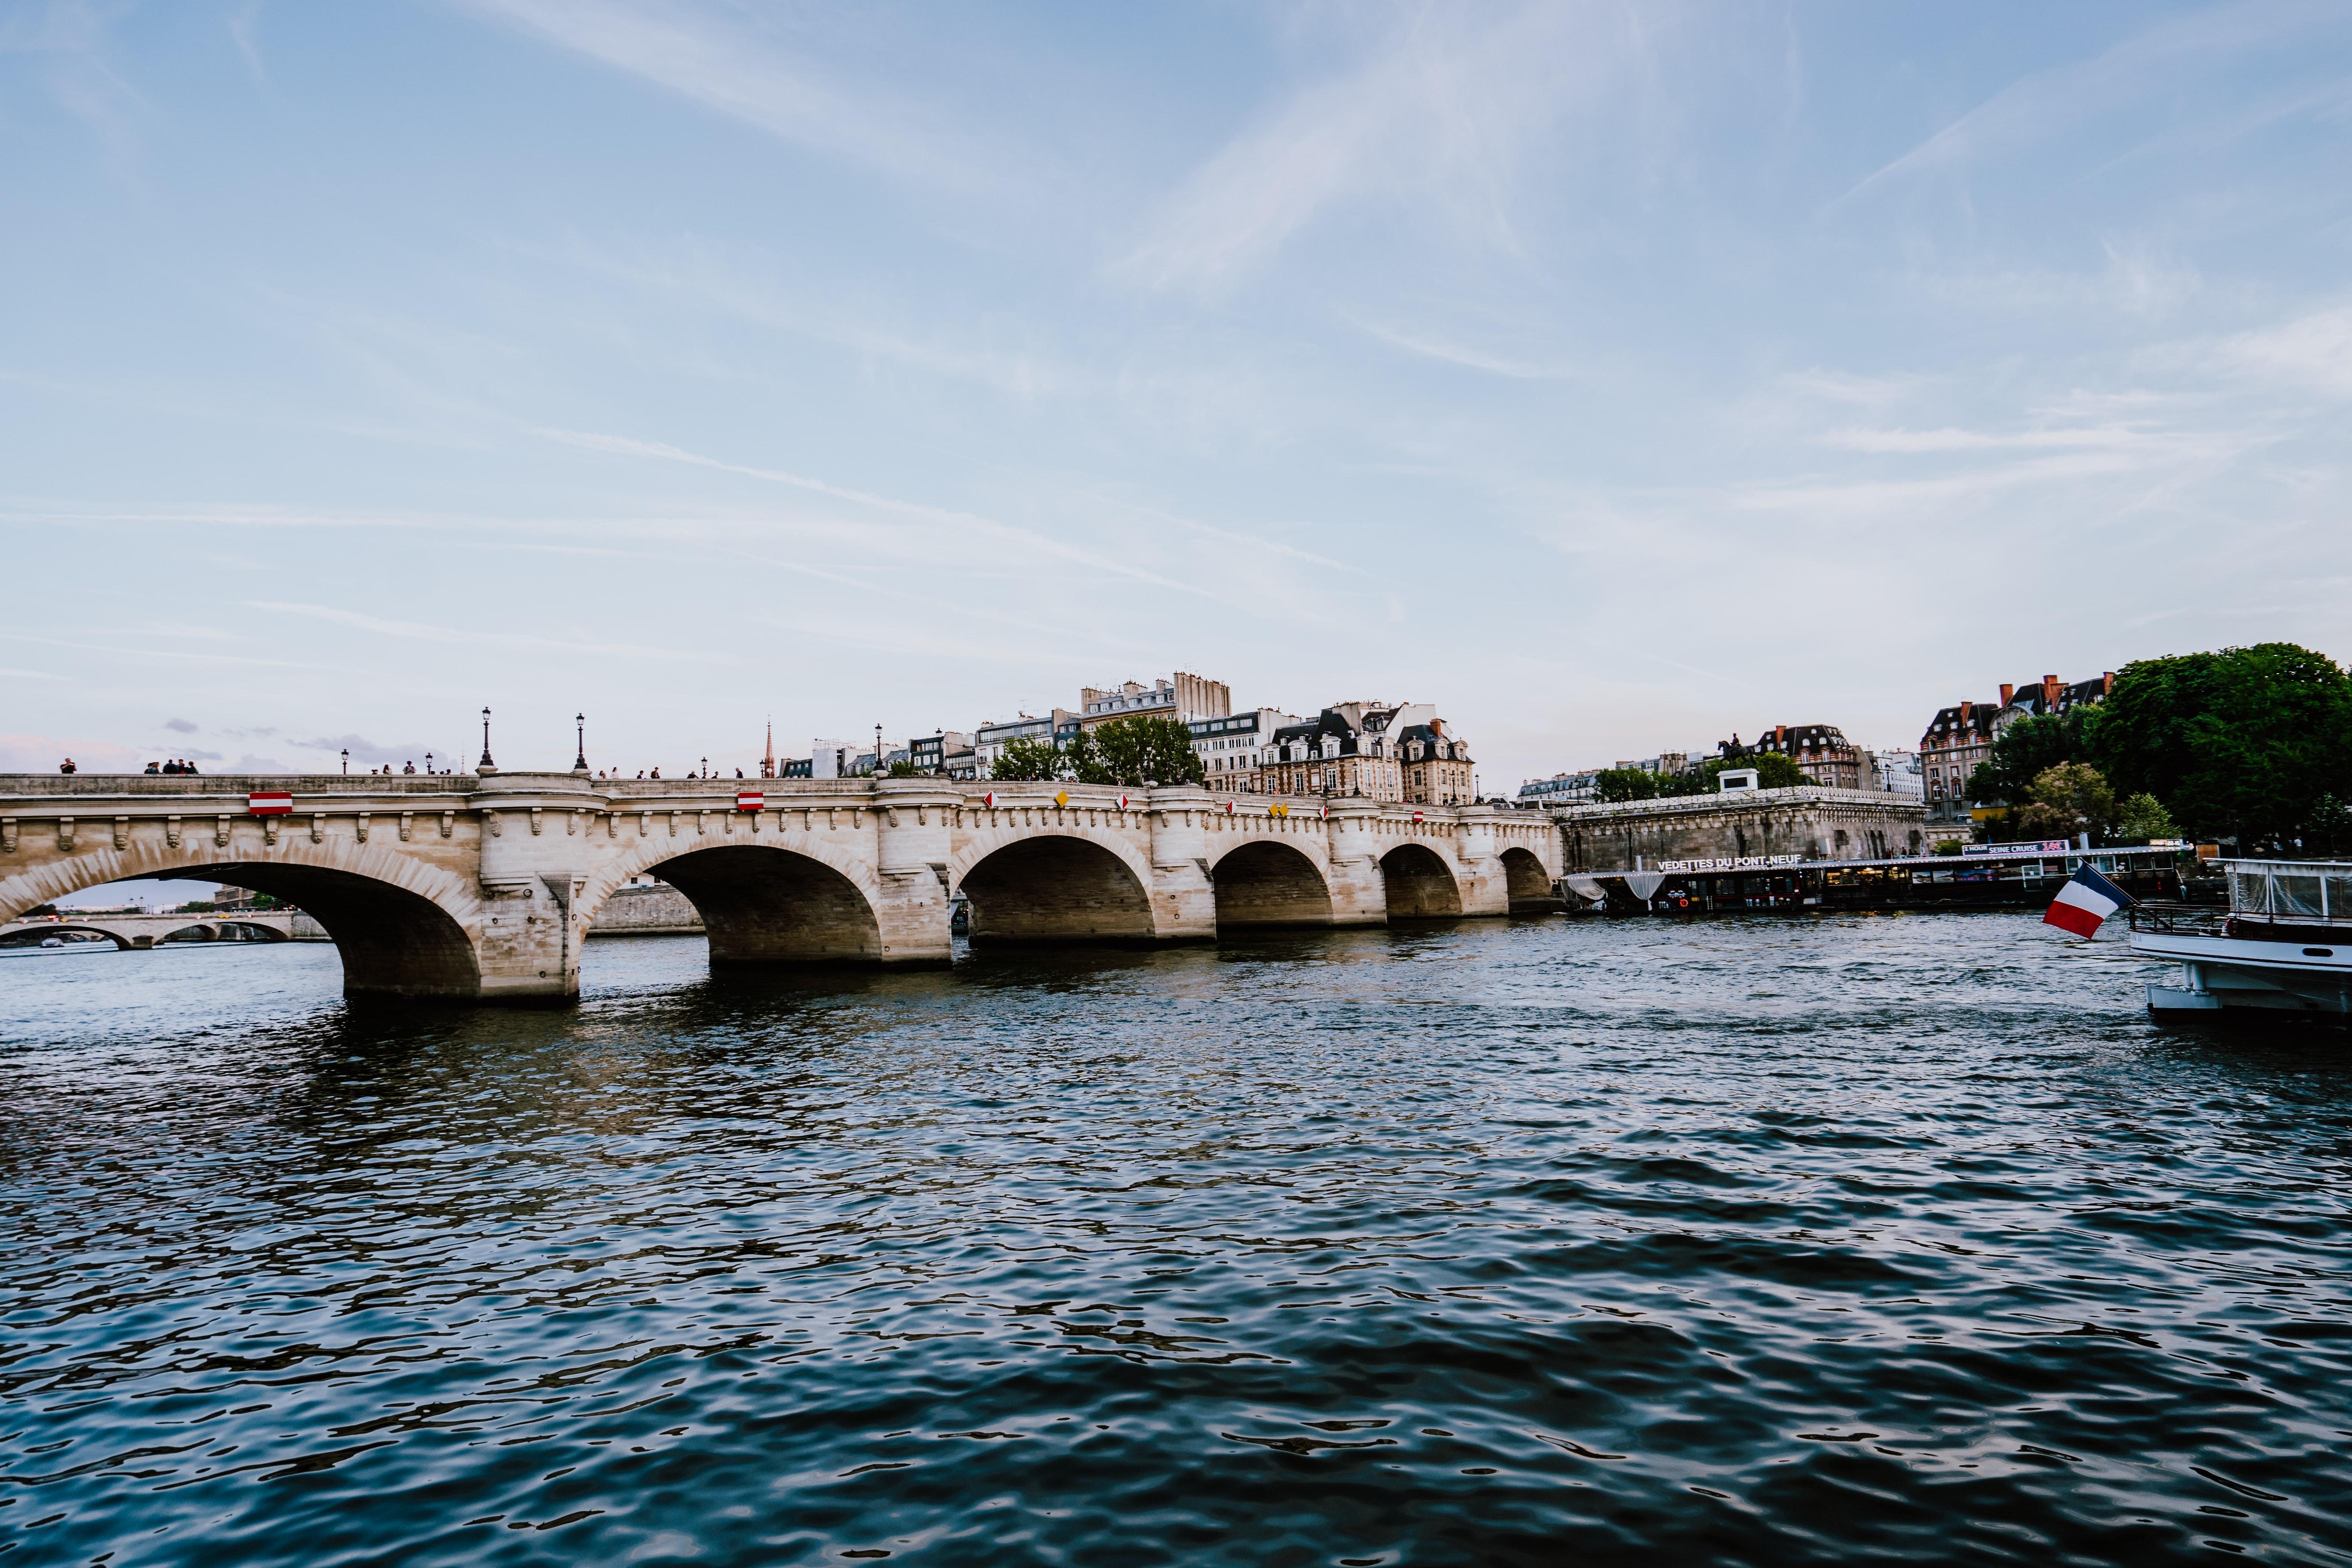 pont des arts, best parks in Paris